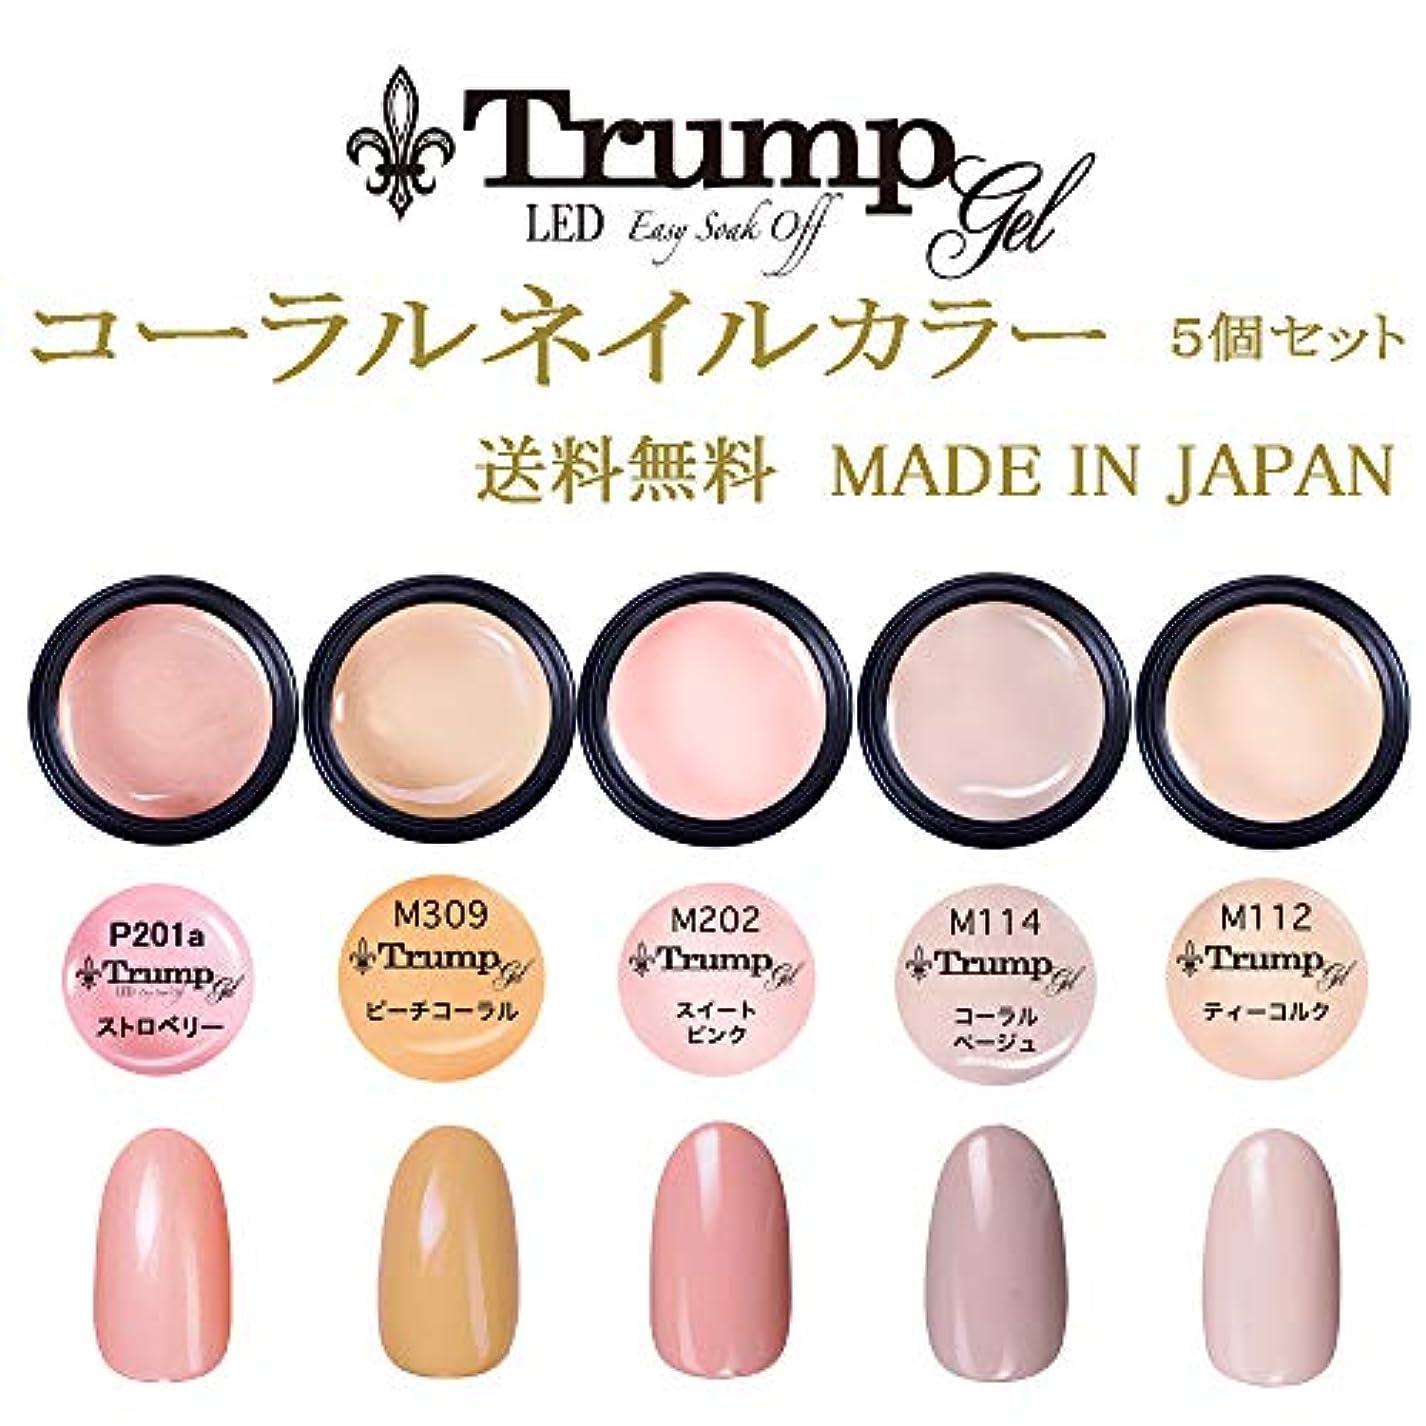 刈り取るのどしゃがむ【送料無料】日本製 Trump gel トランプジェル コーラルネイル カラージェル 5個セット 明るくて可愛い コーラルネイルカラージェルセット